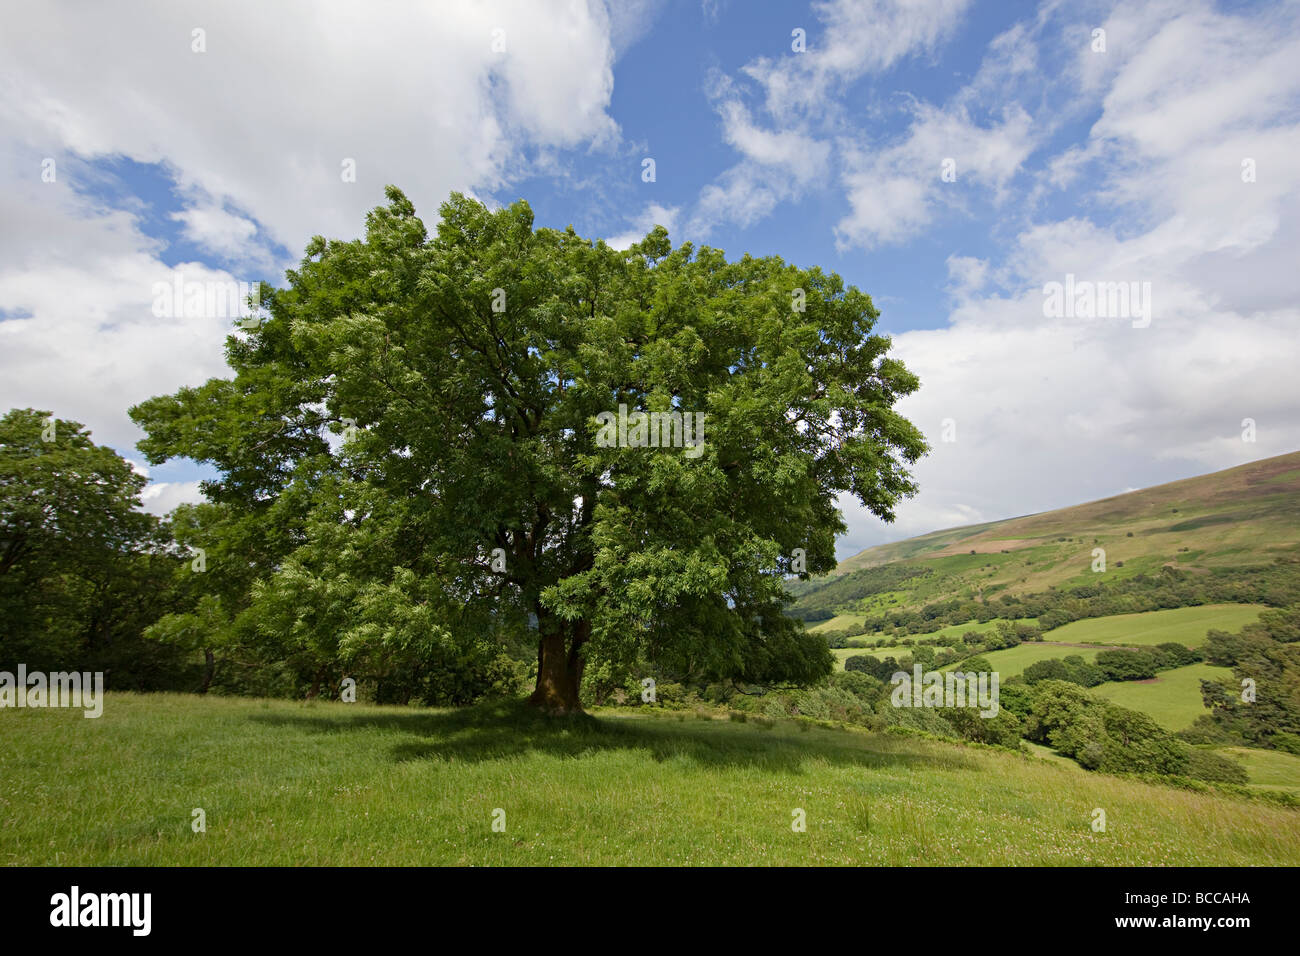 Frêne en campagne parc national de Brecon Beacons au Pays de Galles UK Photo Stock